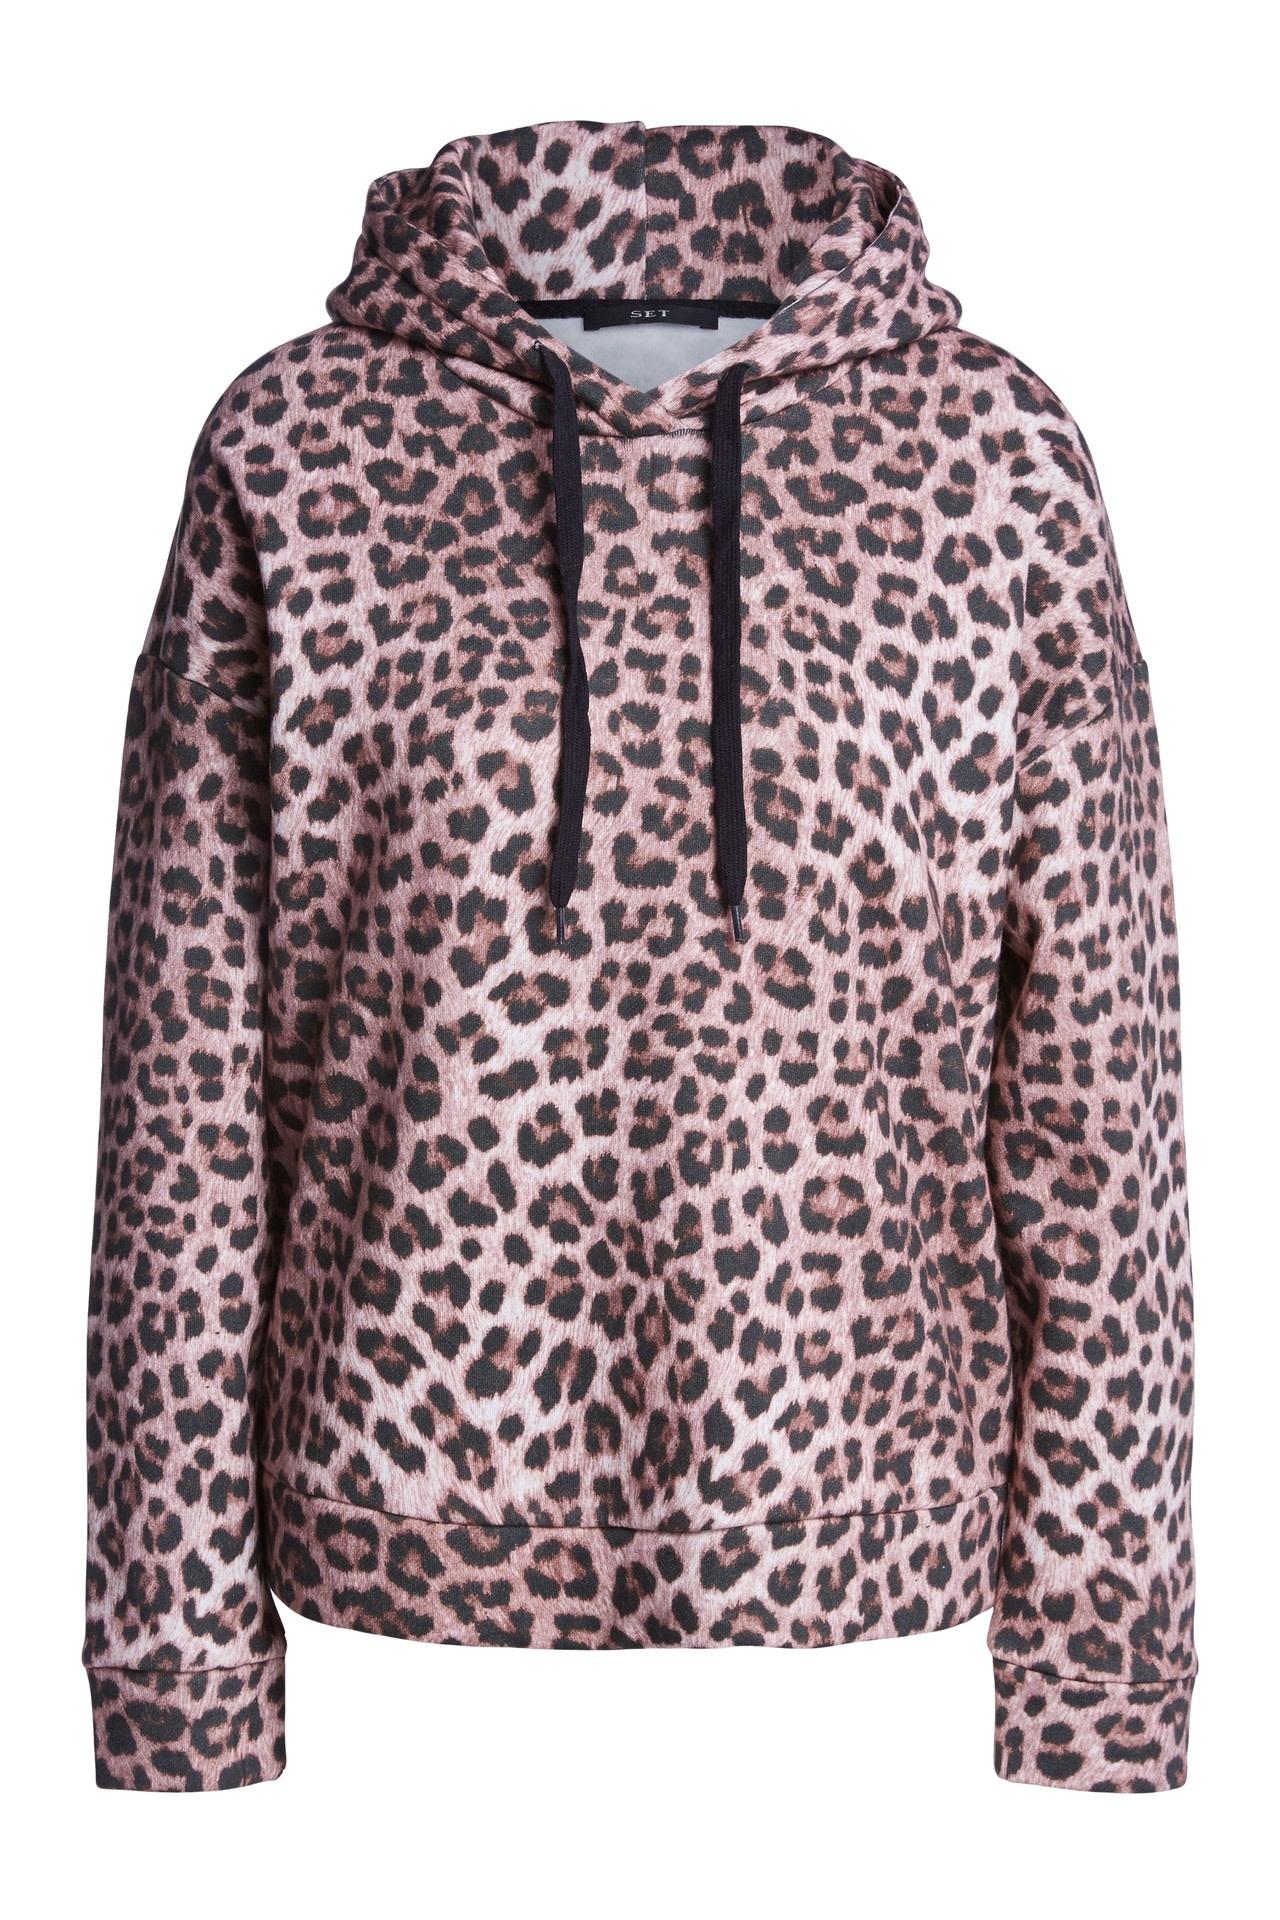 Hoodie leopard-2